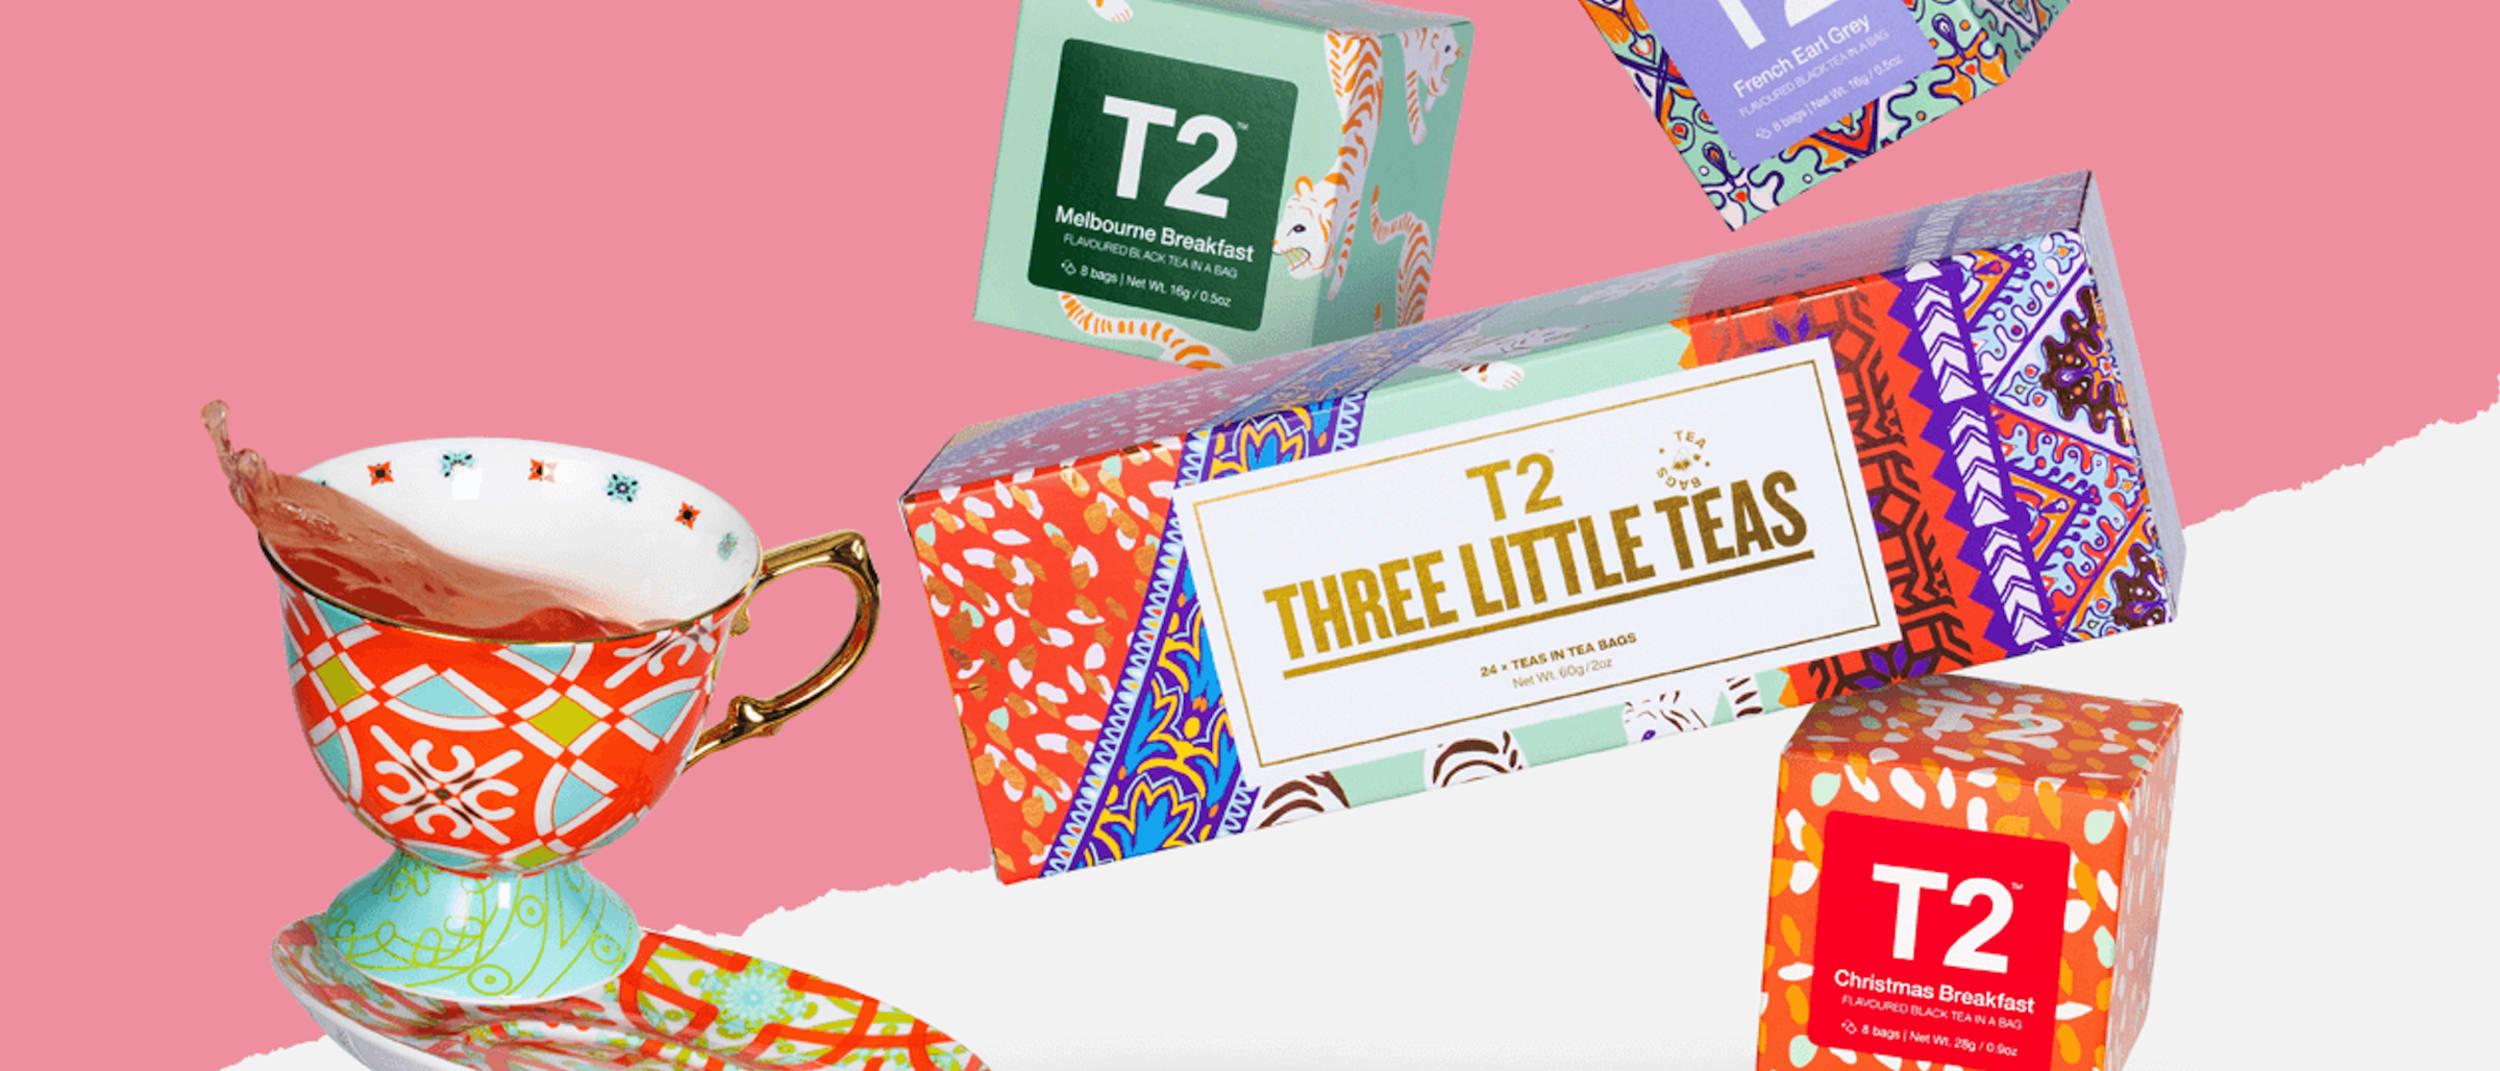 T2: A Taste of Celebration, A Taste of Together